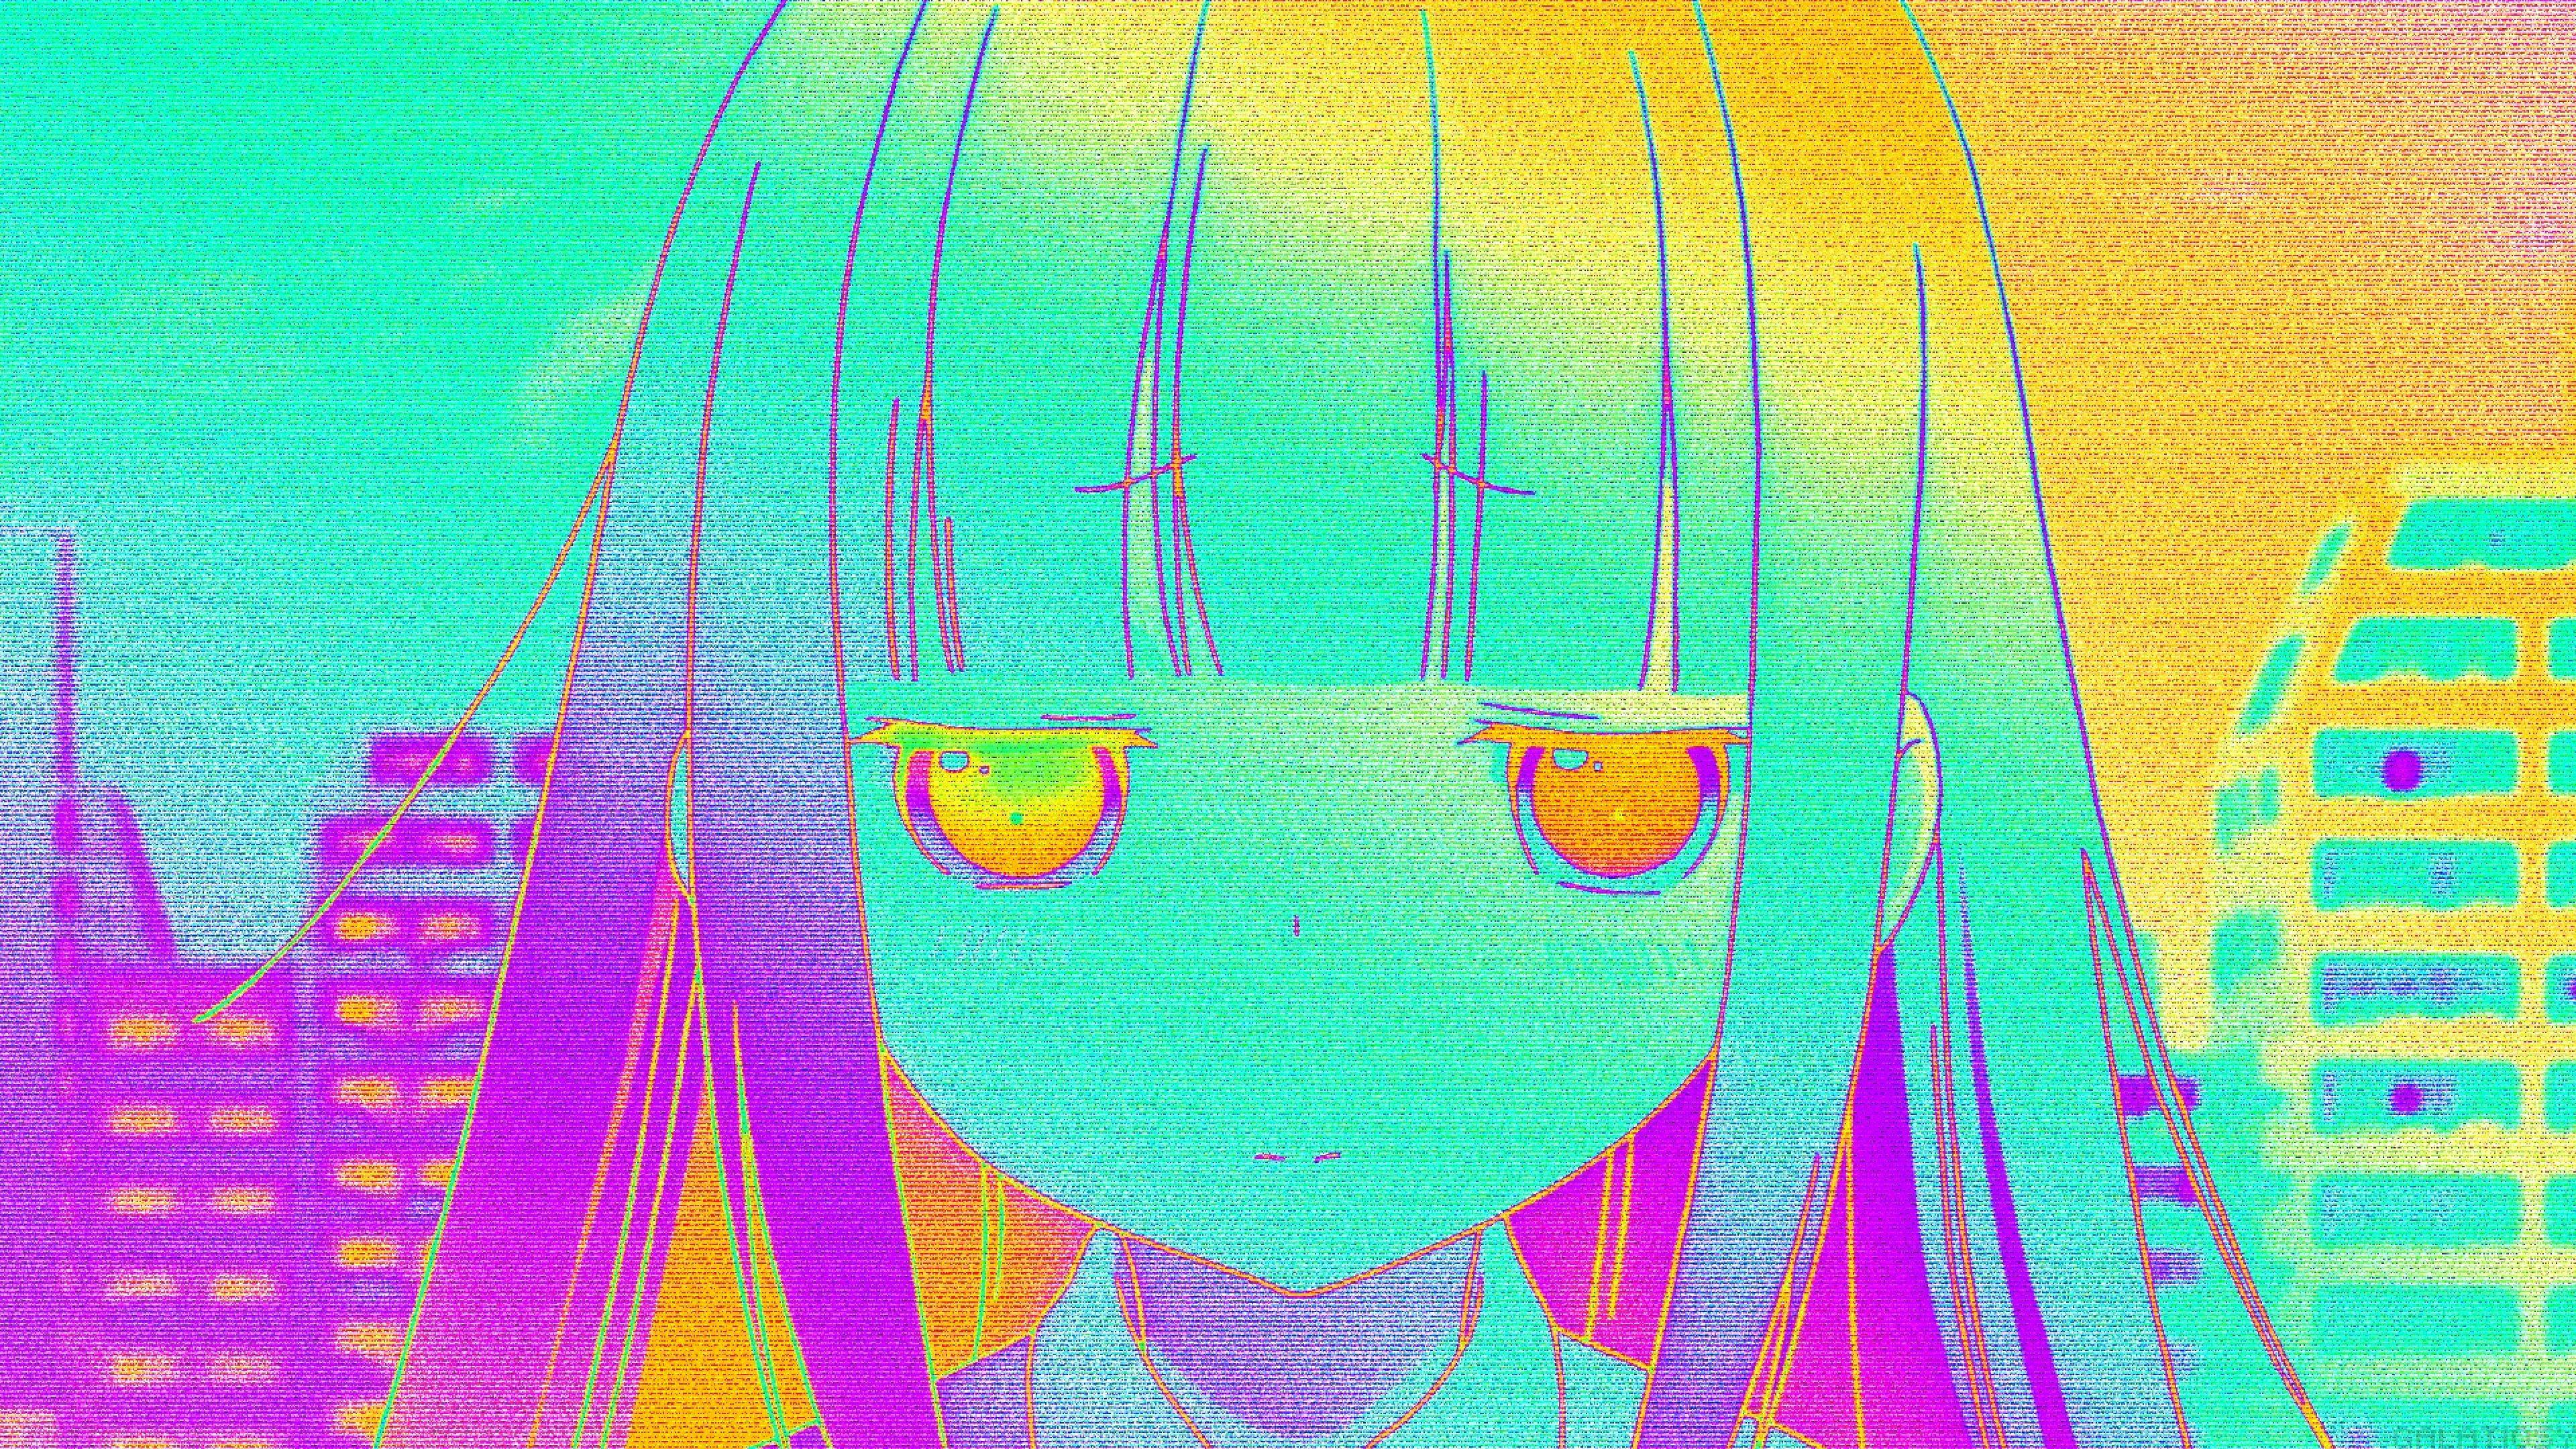 Anime Aesthetic Girl 4k Wallpaper Hdwallpaper Desktop Cute Anime Wallpaper Anime Wallpaper Phone Aesthetic Anime